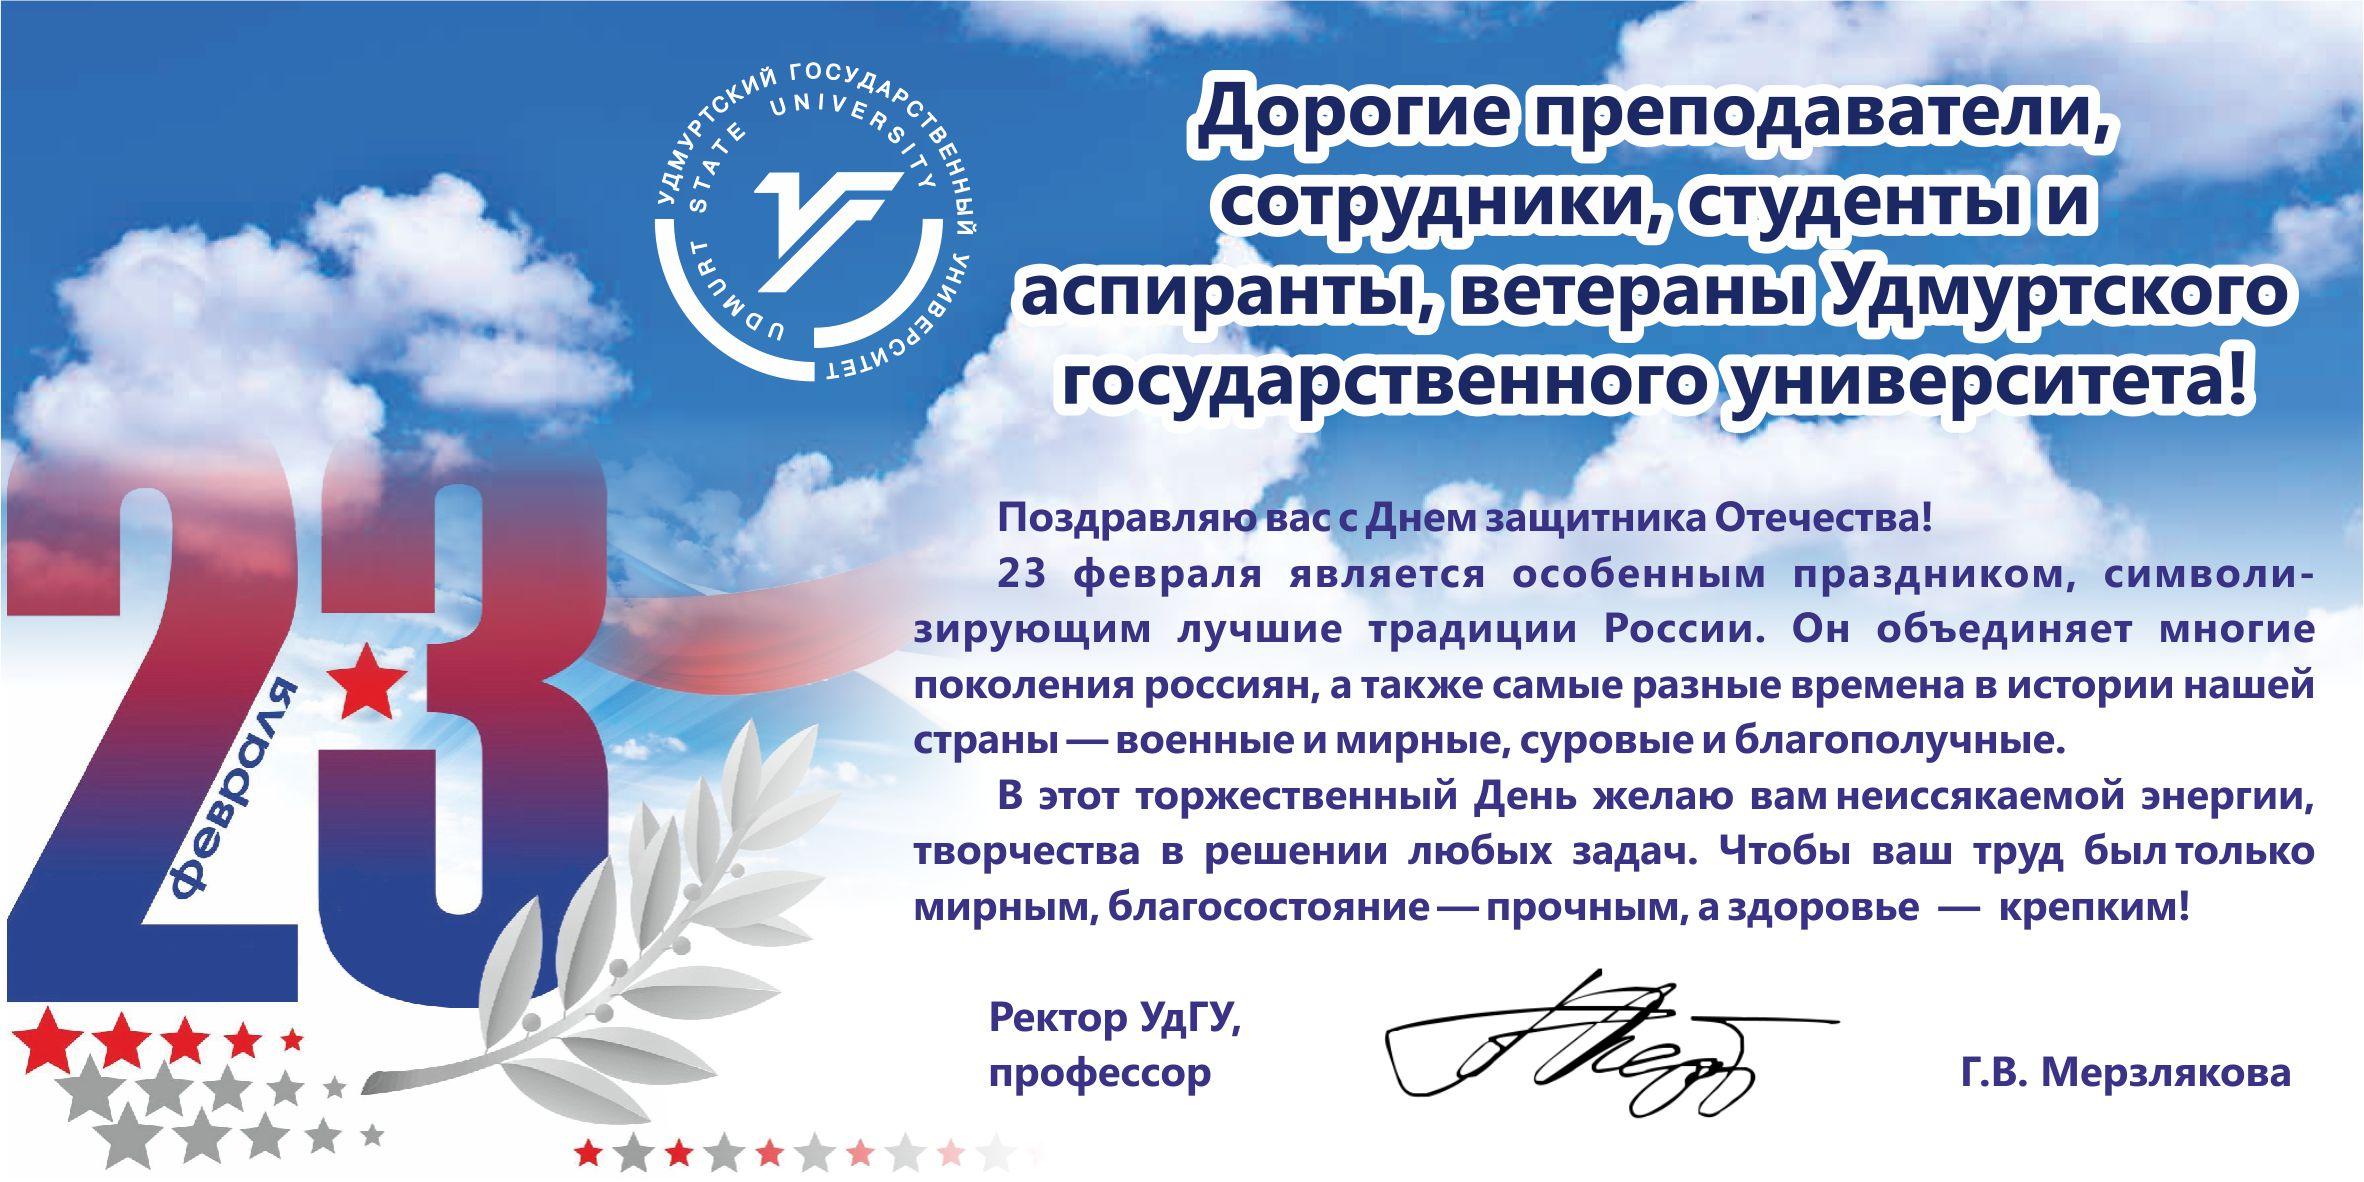 Поздравление с Днем защитника Отечества от ректора УдГУ Г. В. Мерзляковой